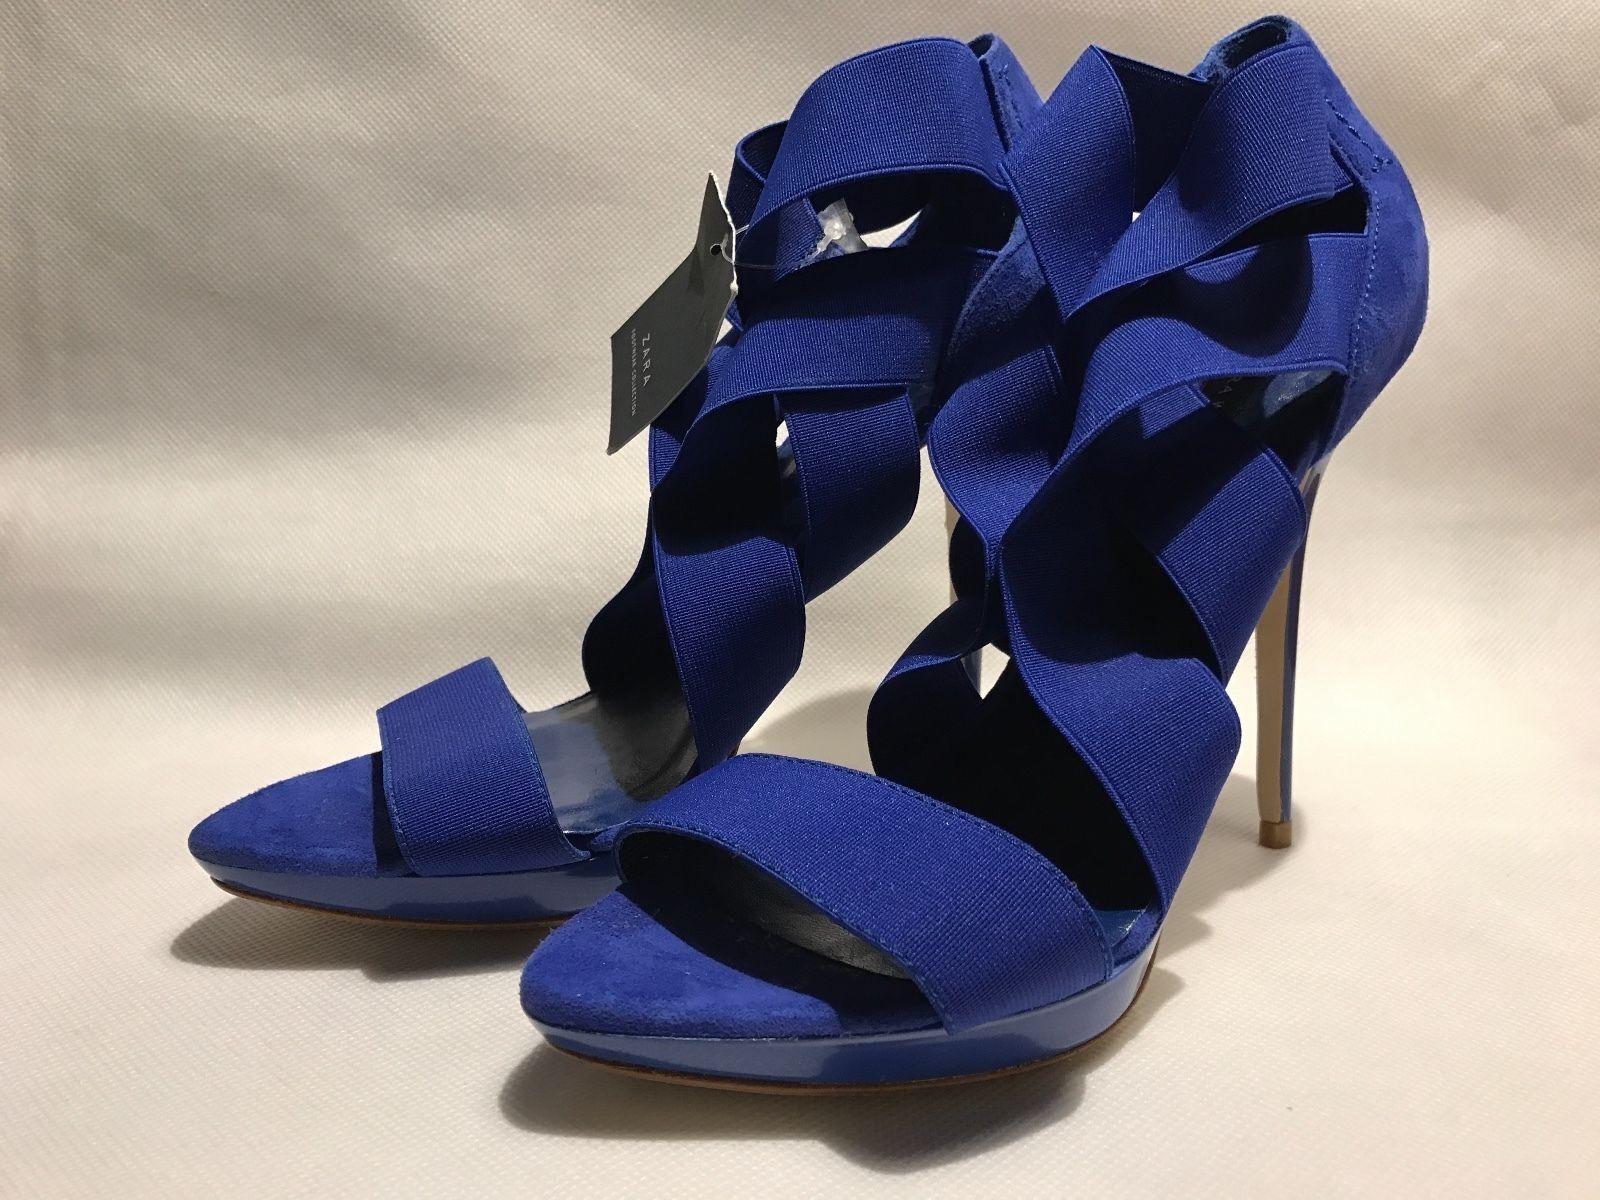 ZARA damen Damen Schuhe Pumps mit  mit dehnbaren Riemchen  Größe  40 NEU